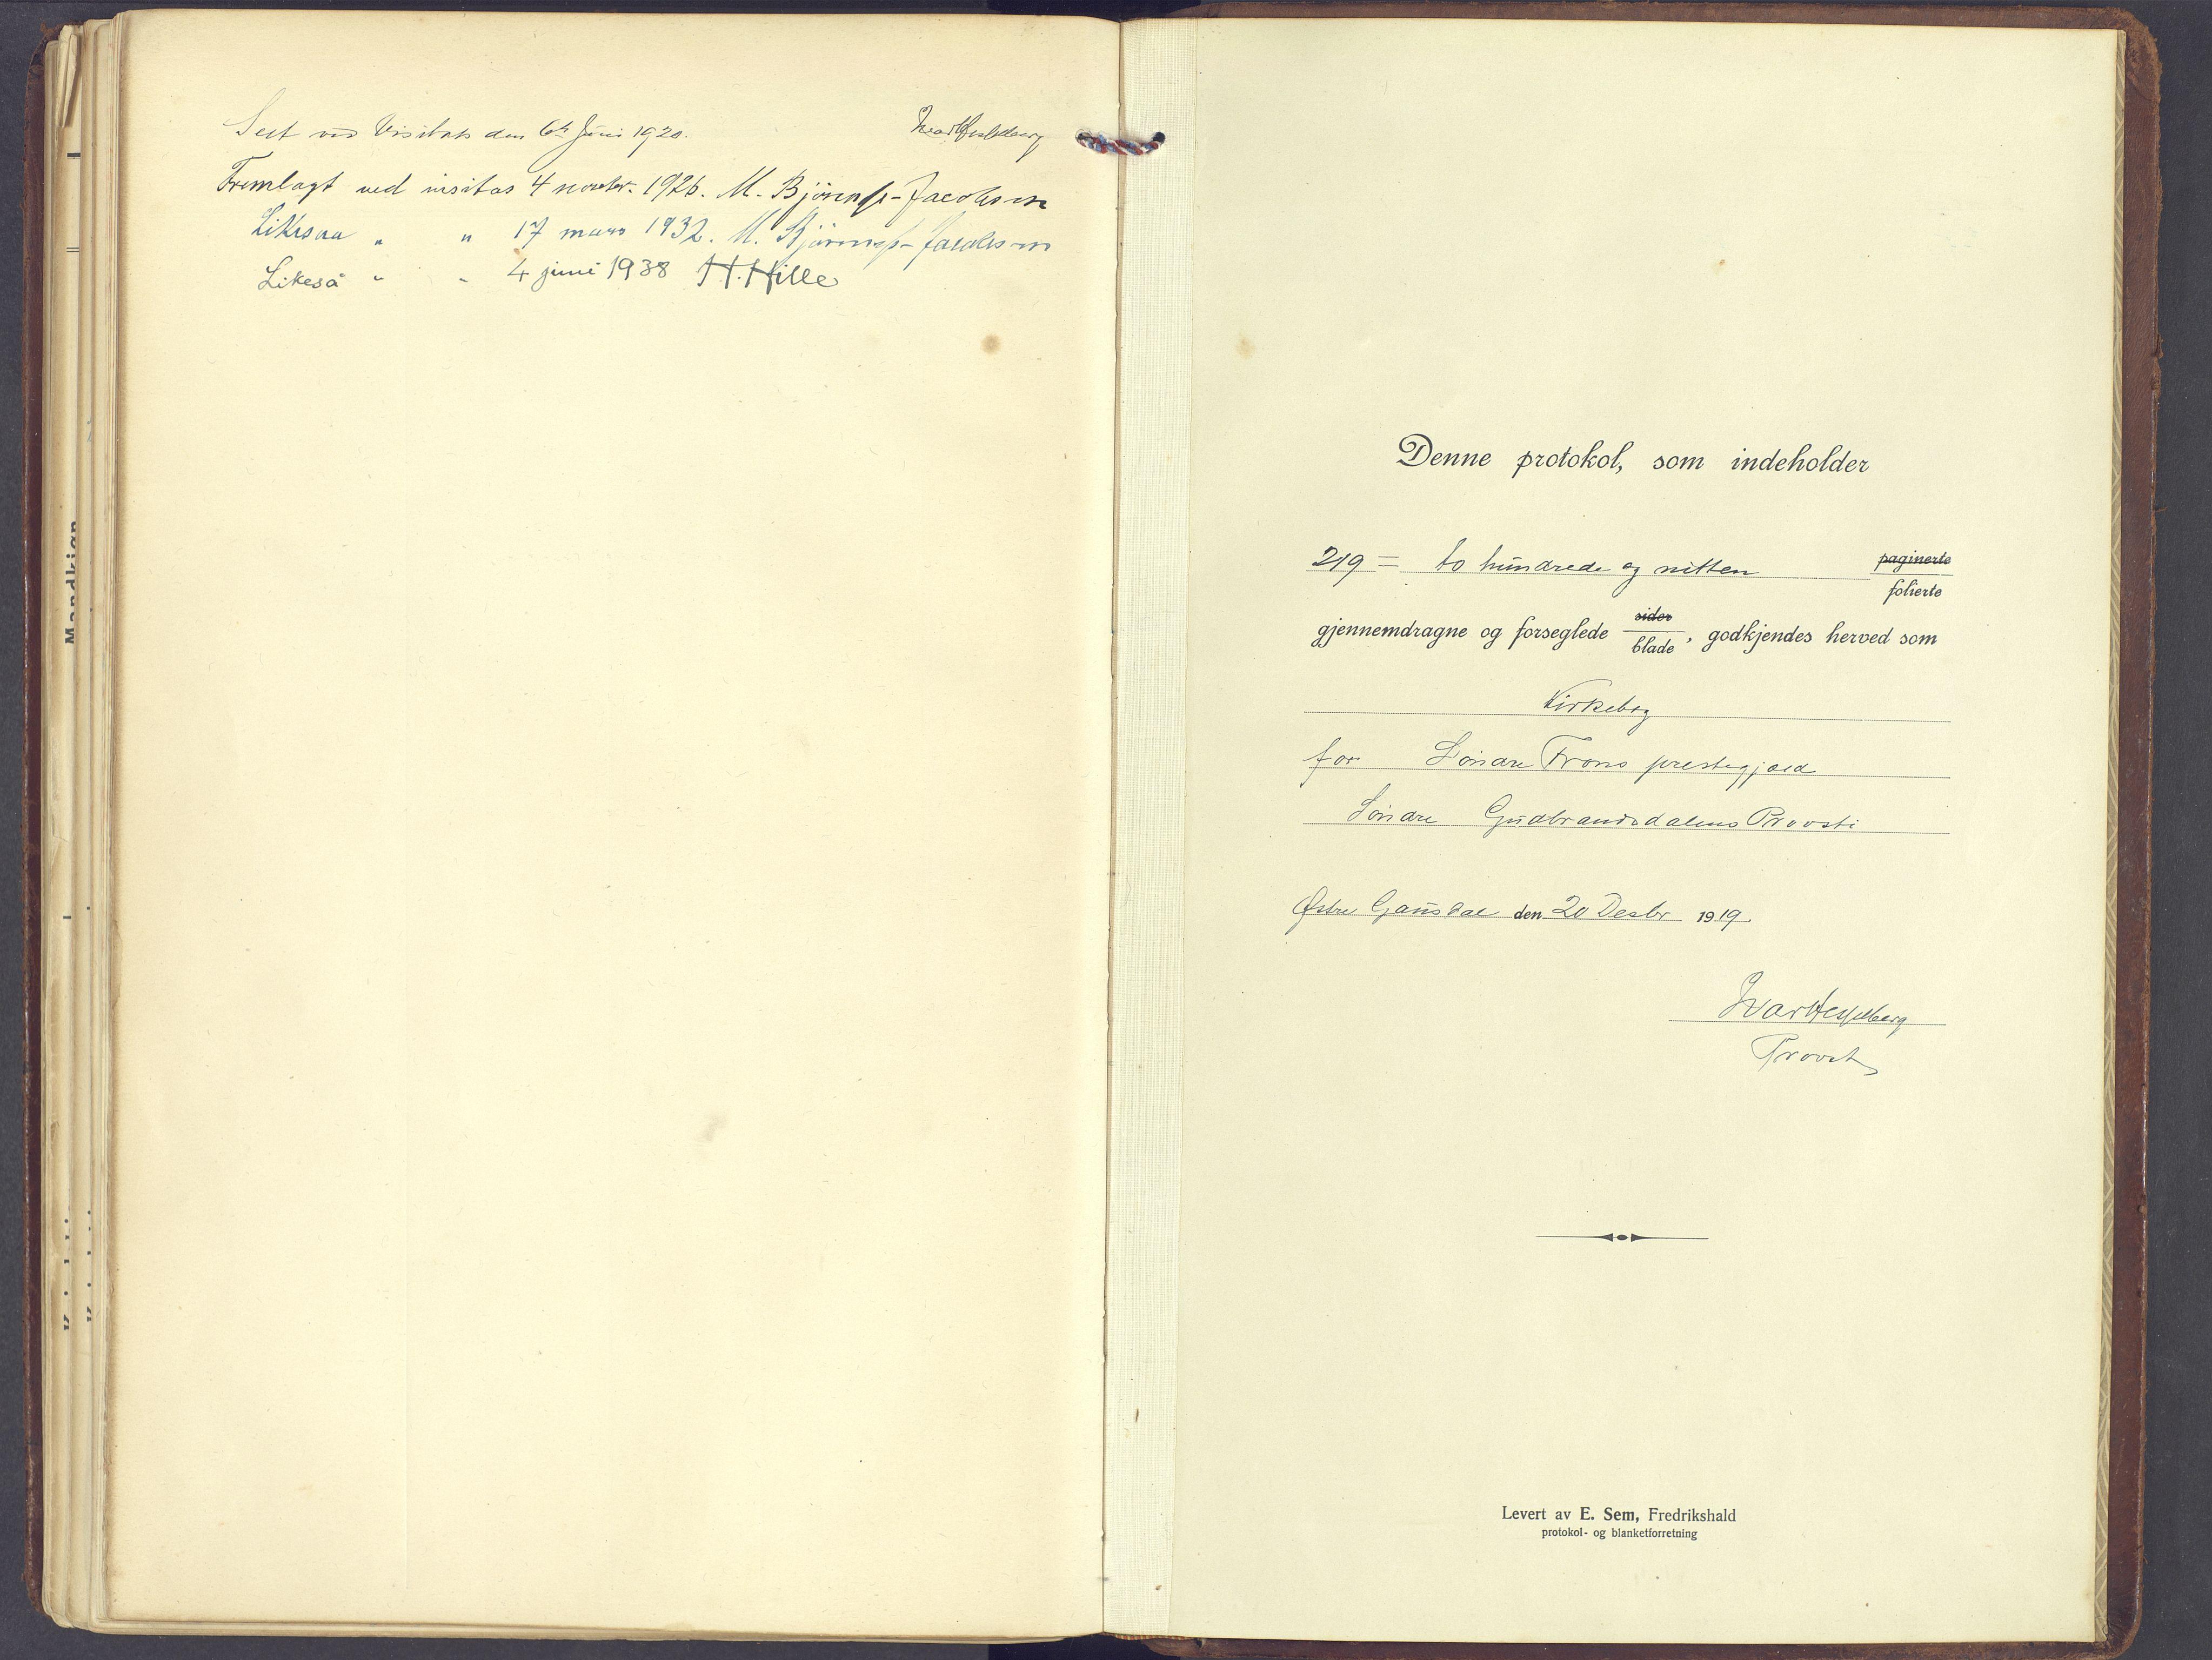 SAH, Sør-Fron prestekontor, H/Ha/Haa/L0005: Parish register (official) no. 5, 1920-1933